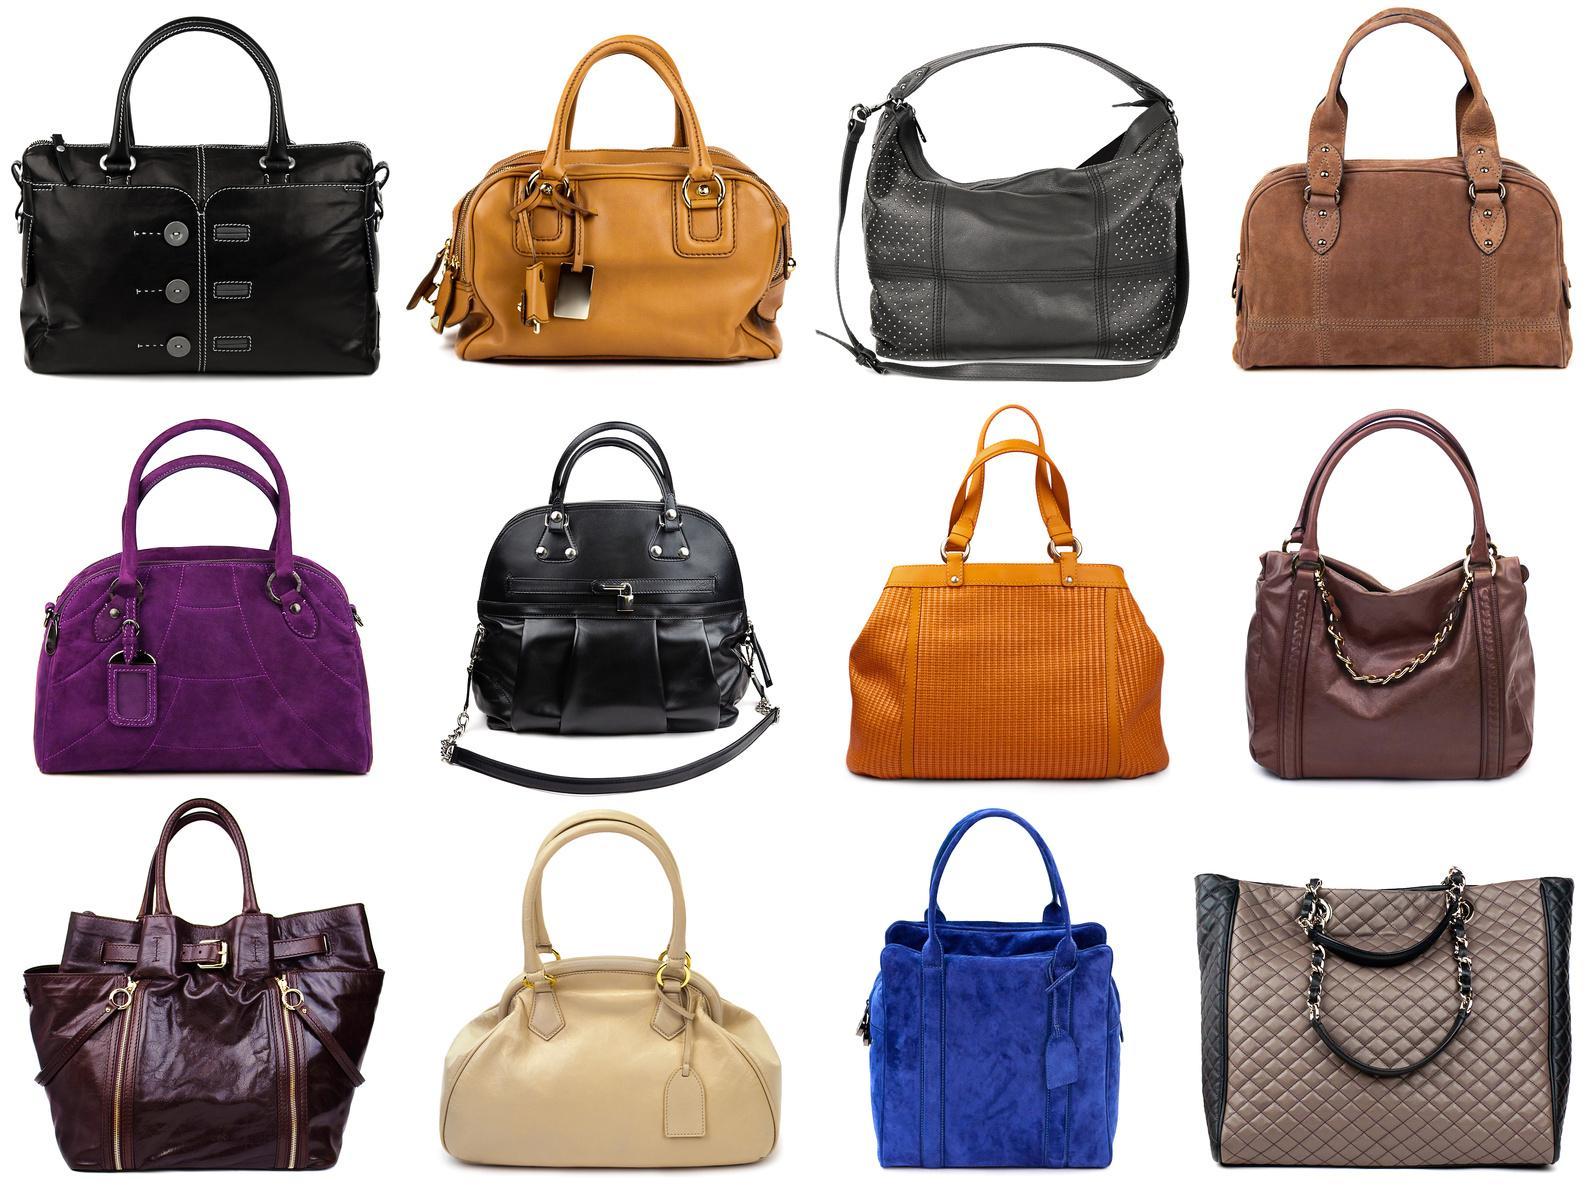 hochwertige designertaschen von f lschungen unterscheiden. Black Bedroom Furniture Sets. Home Design Ideas